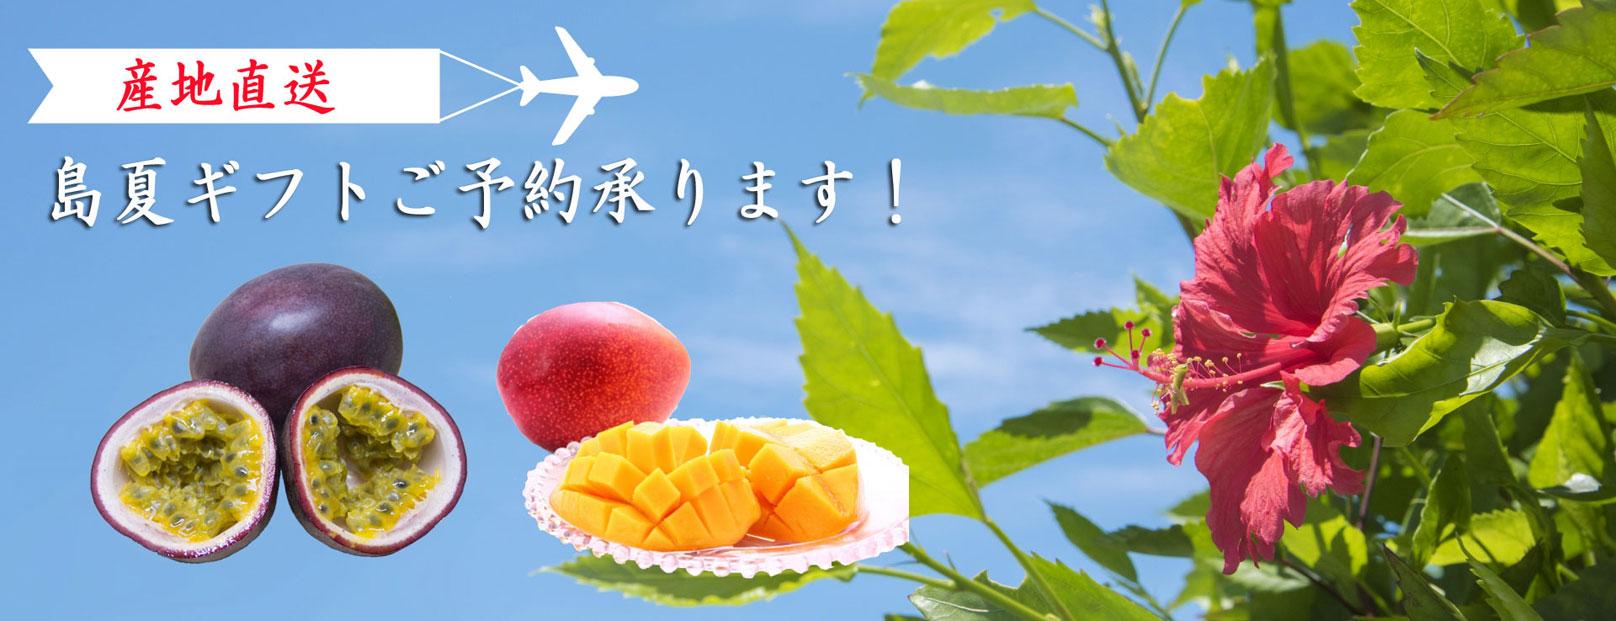 ◆◆ 商品  2 ◆◆ パッションフルーツ